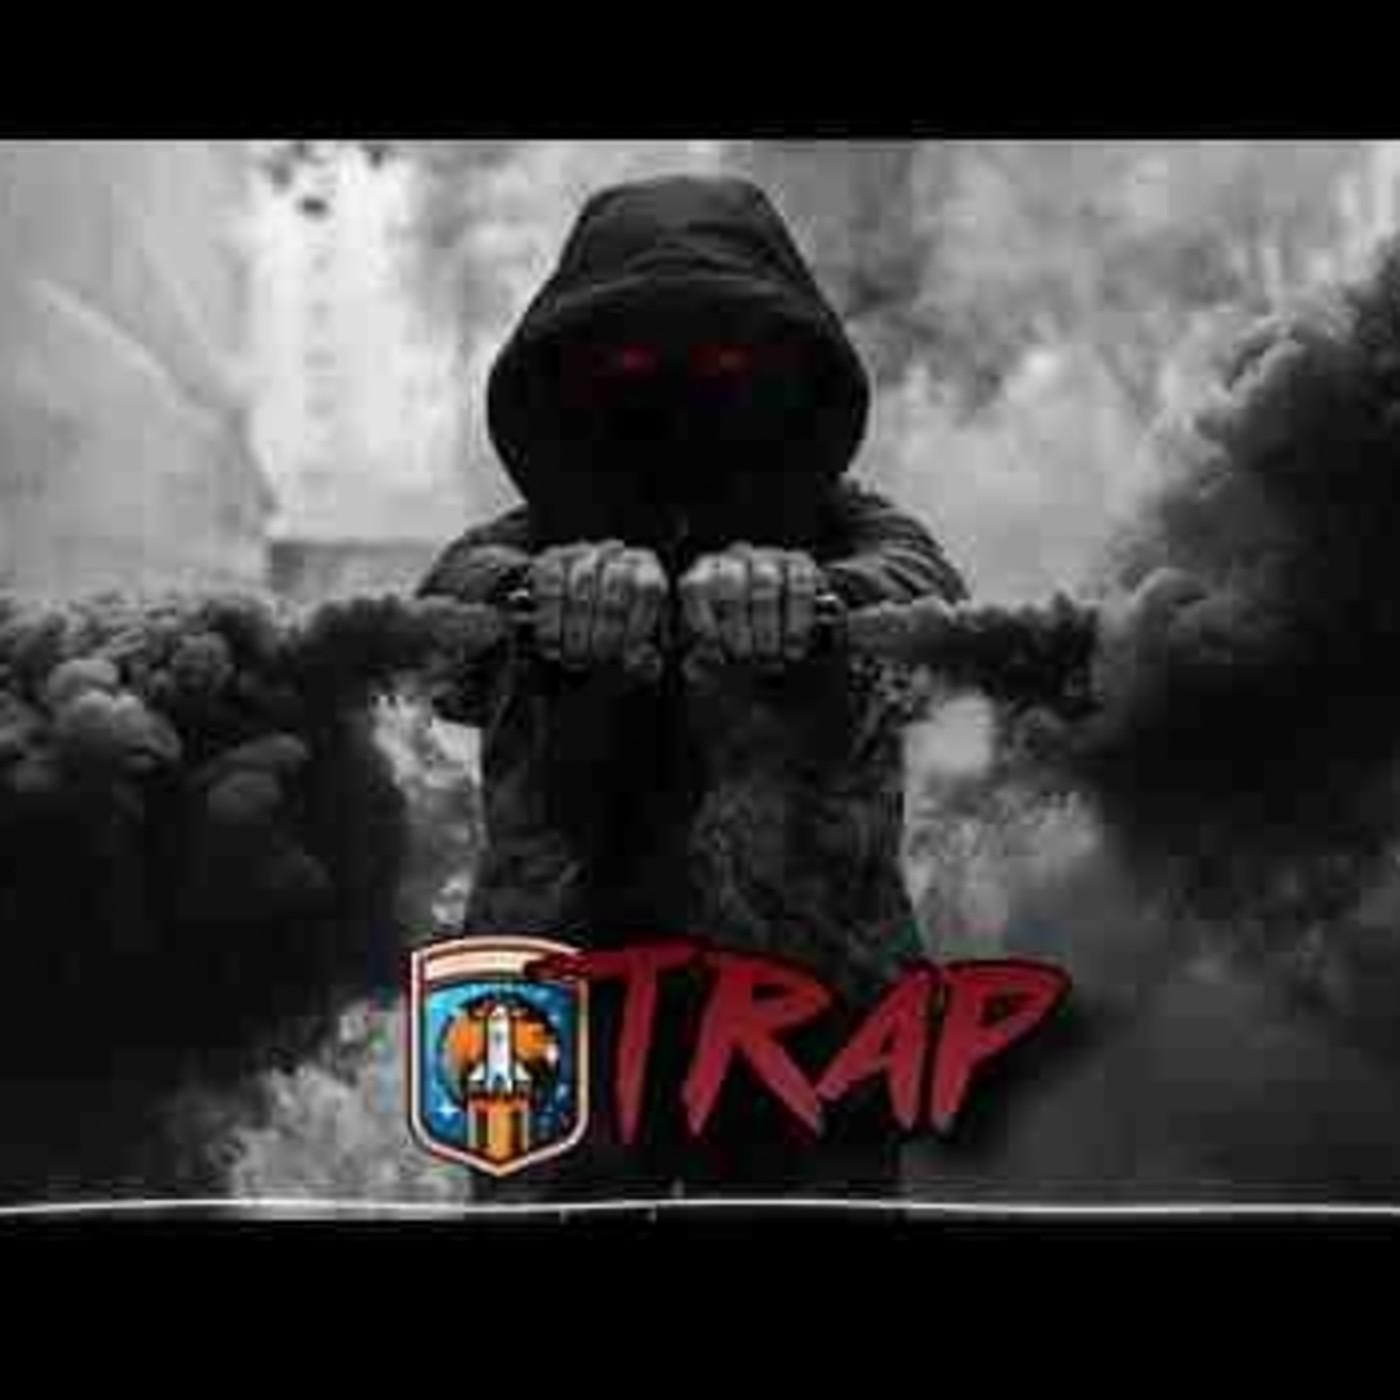 Exploradores de Ondas #1 Trap